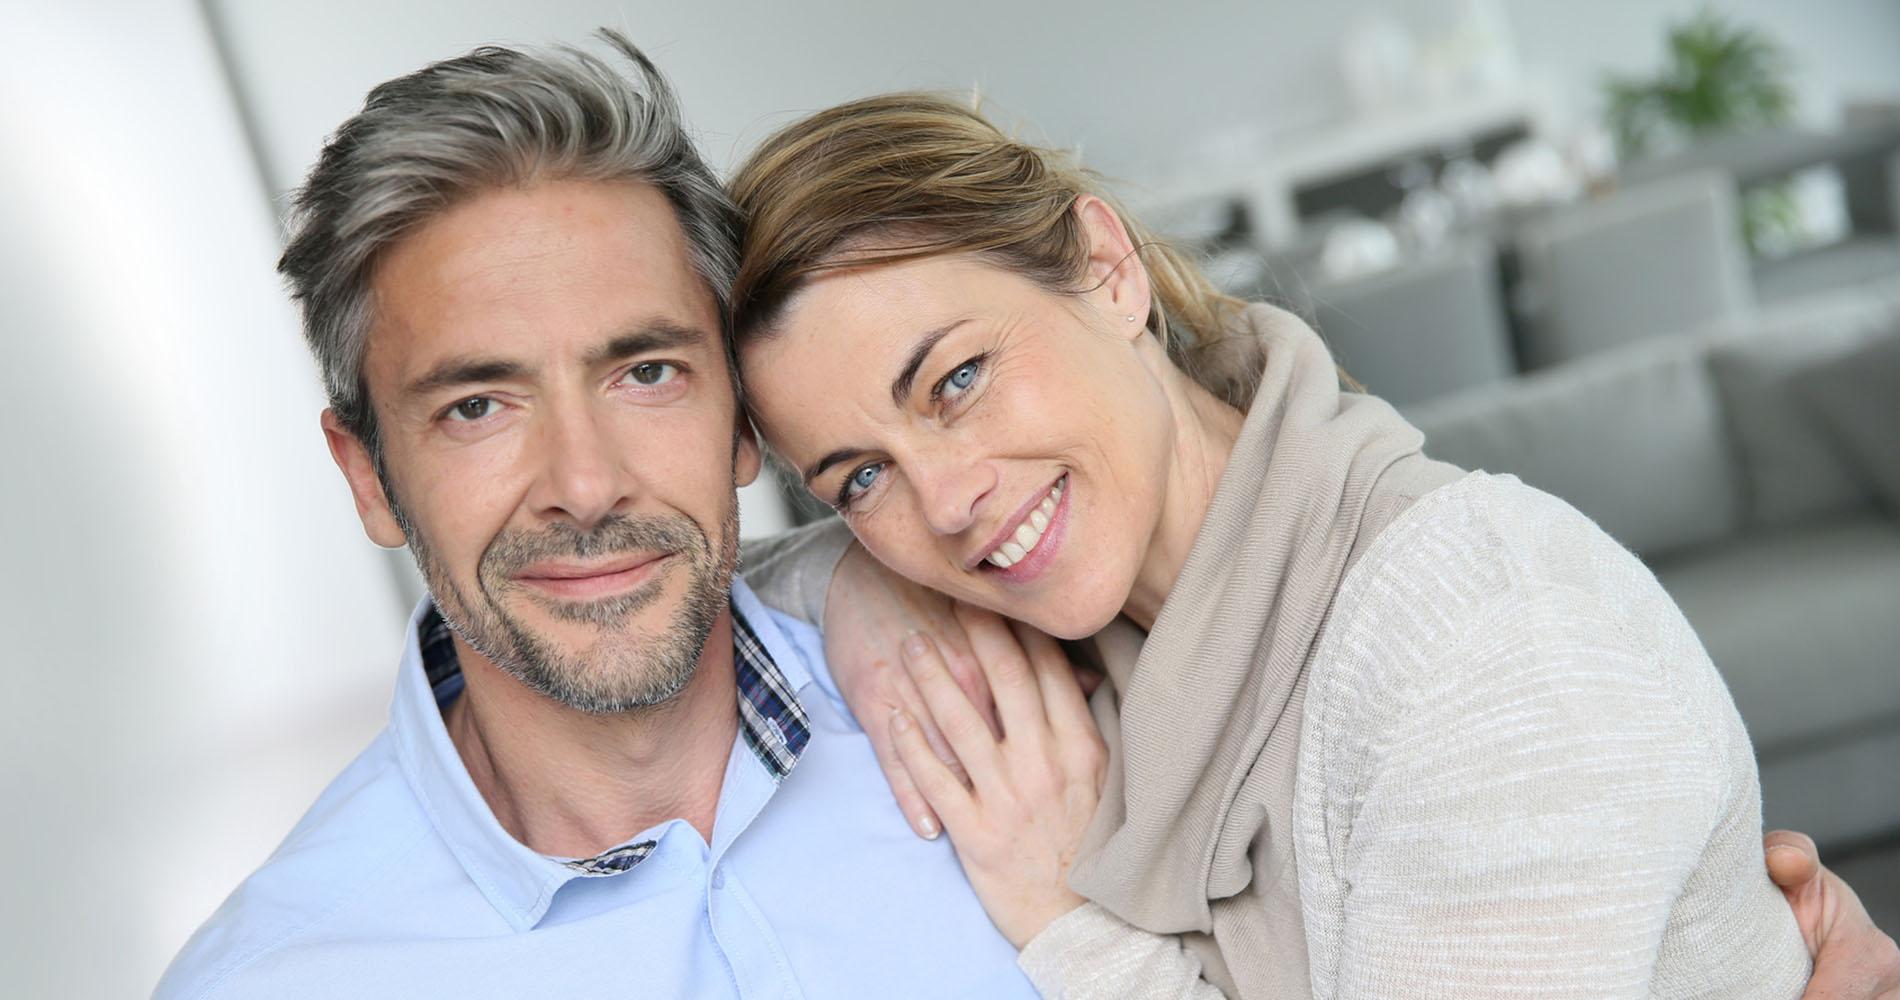 mohr smile - Zahnarztpraxis für Implantologie und Zahnimplantate in Neu-isenburg